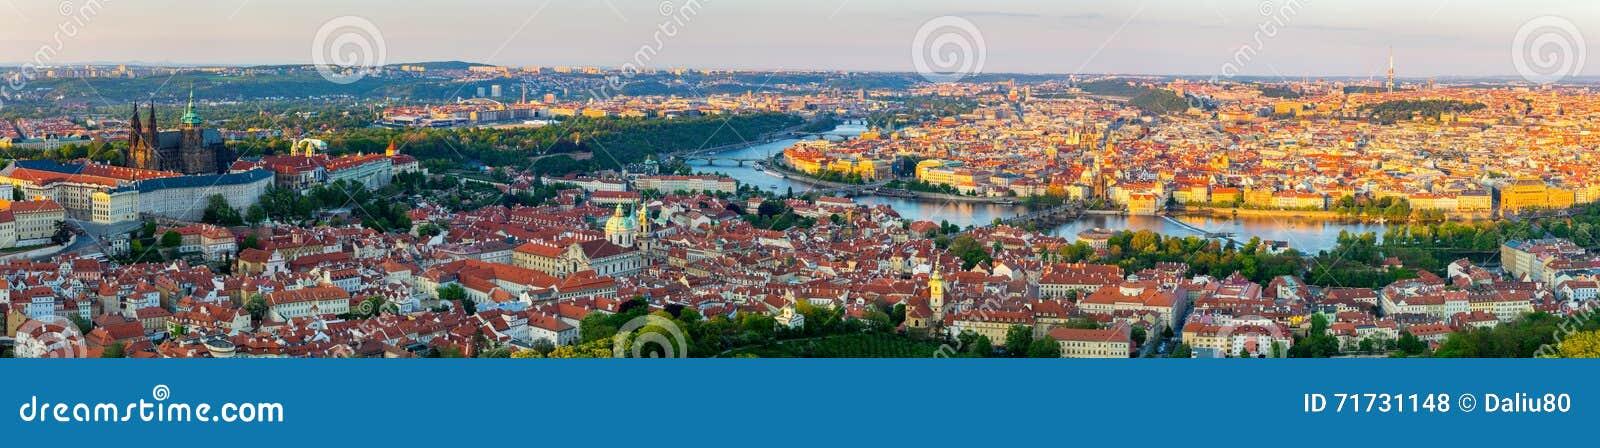 Panorama da cidade de Praga no por do sol, imagem de alta resolução, República Checa